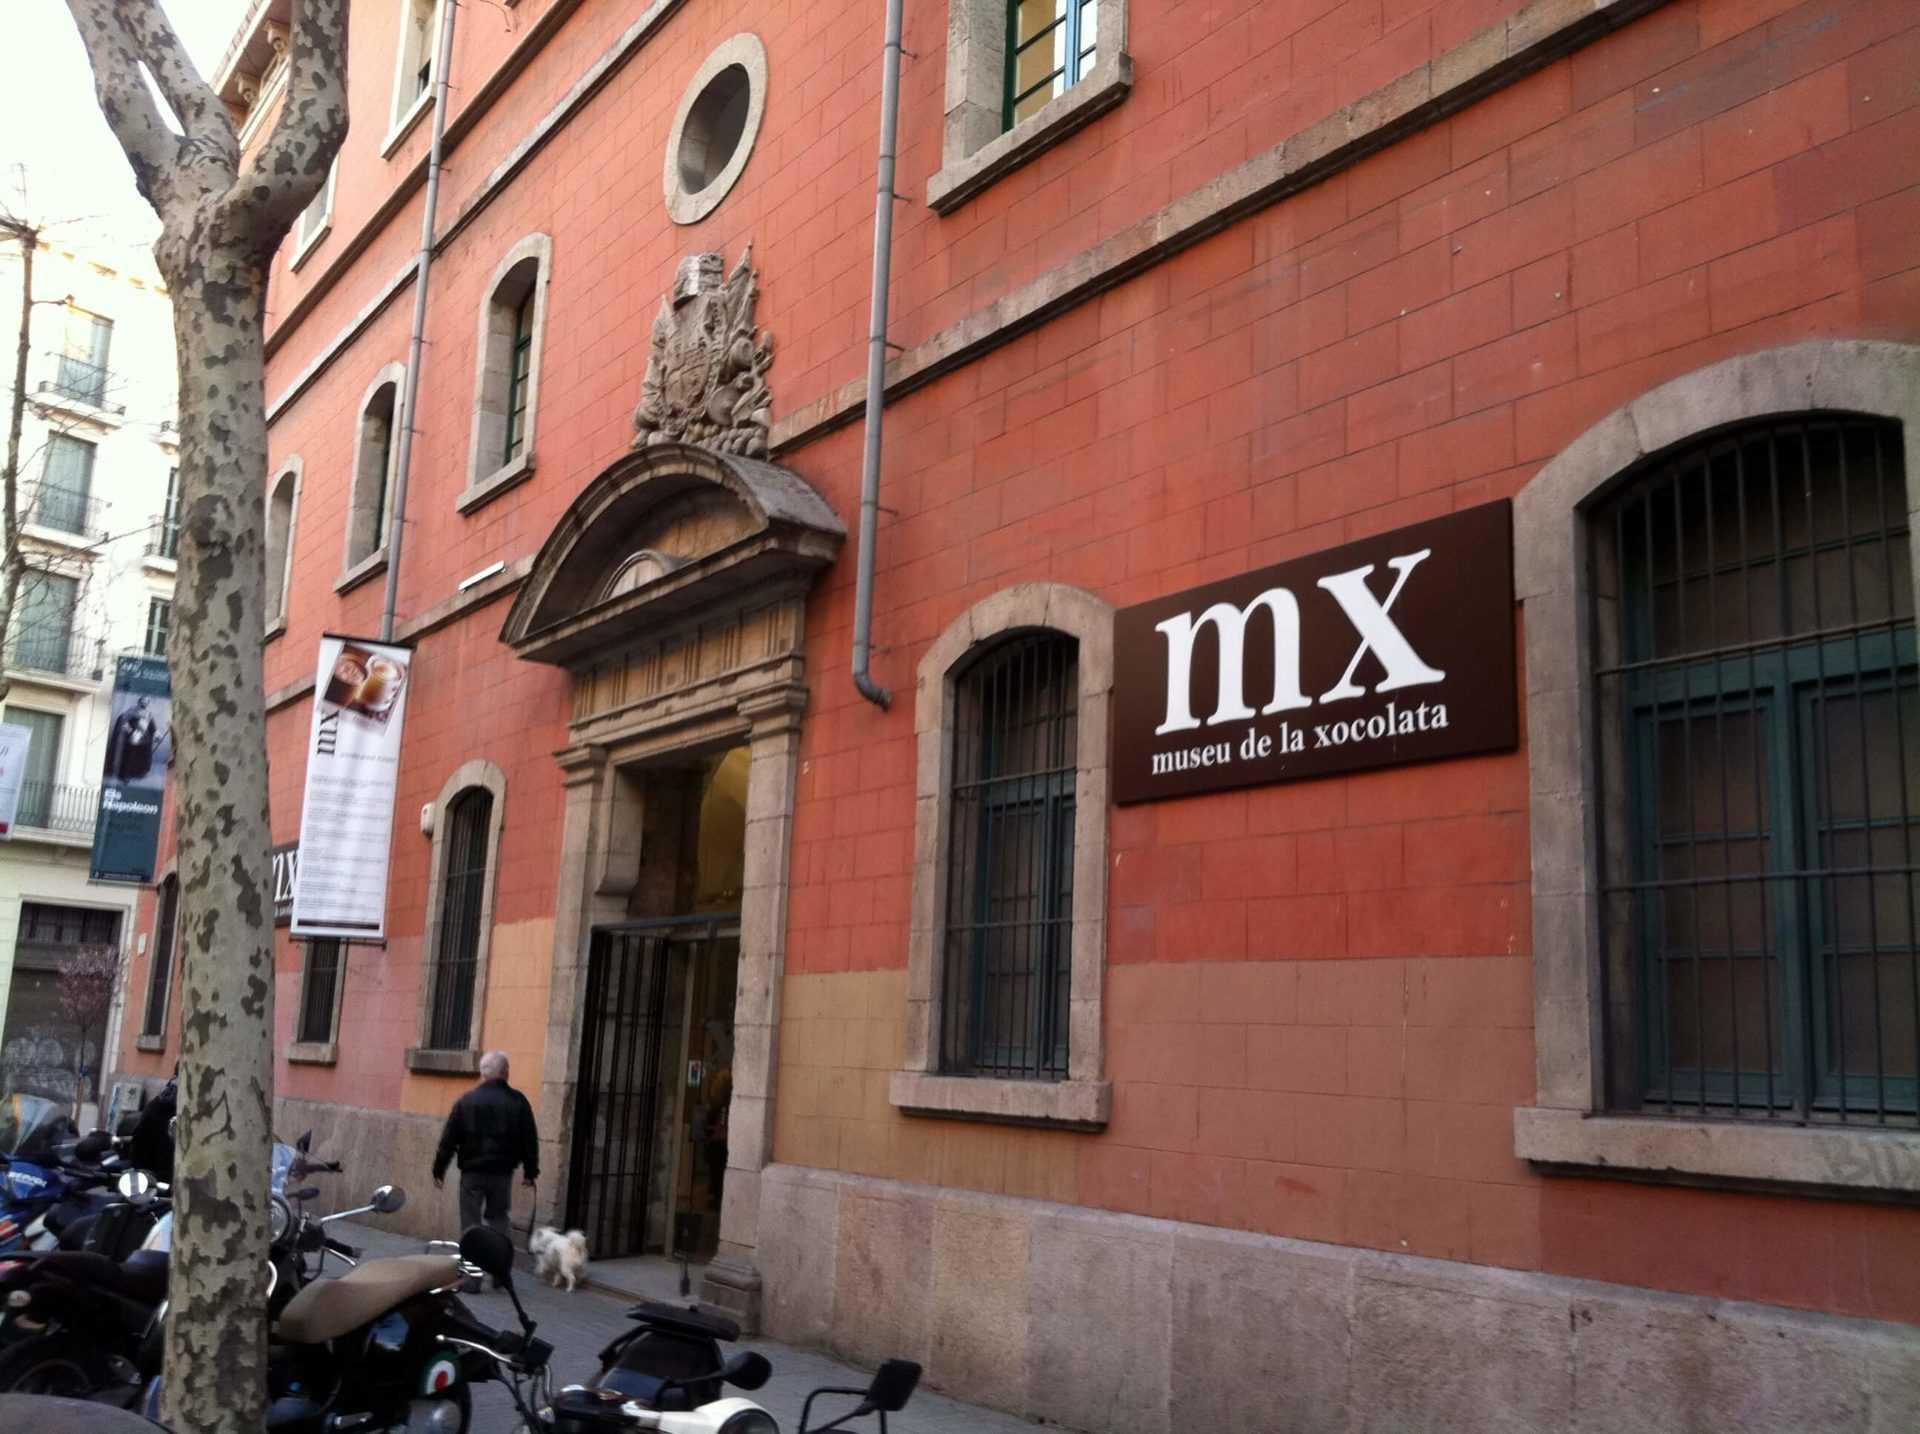 מוזיאון השוקולד בברצלונה 2021 - האם כדאי ואיך קונים כרטיסים?